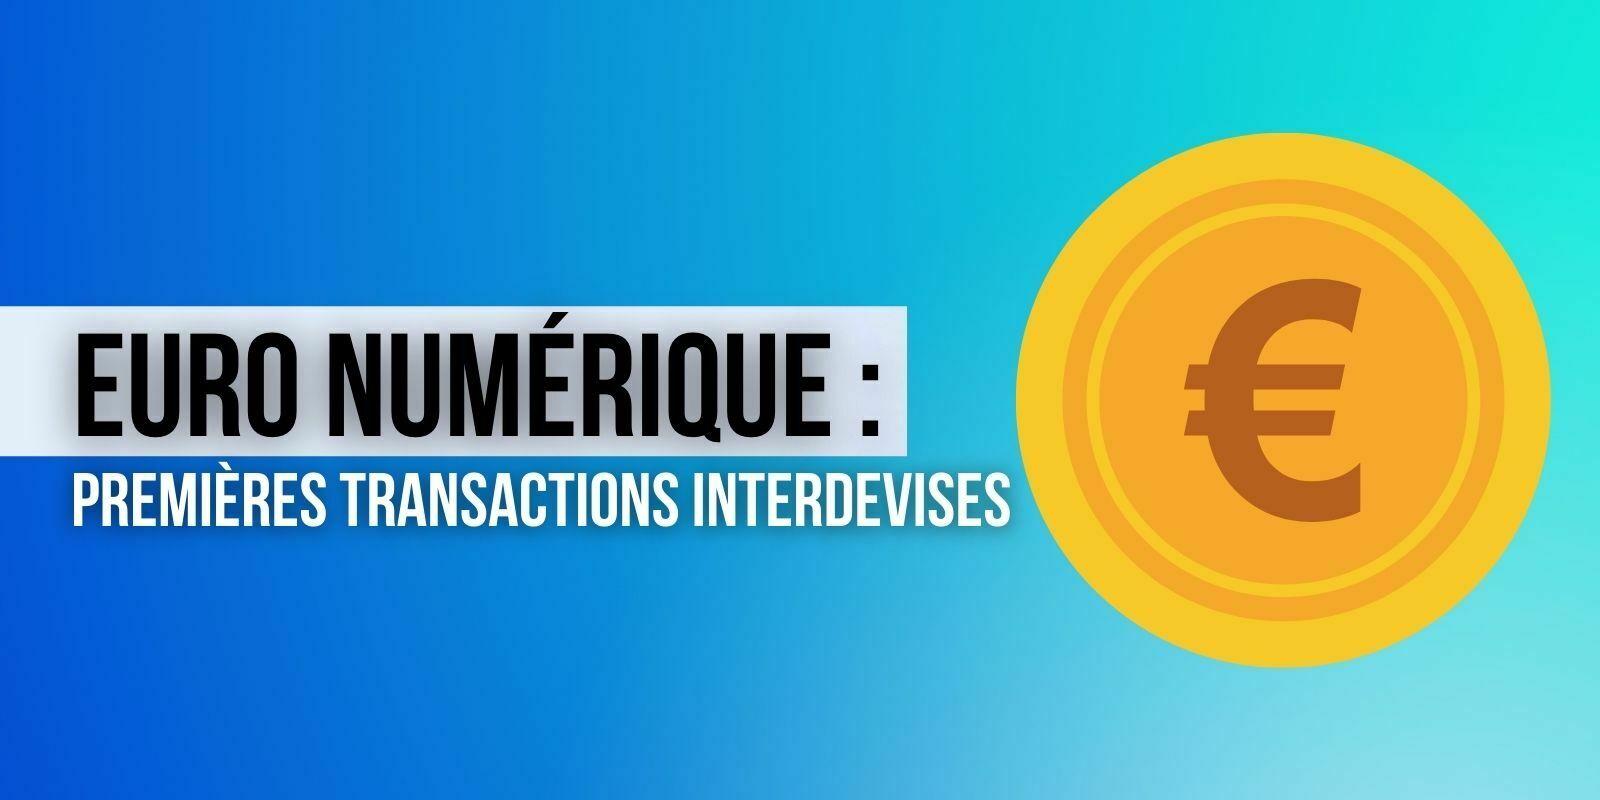 La Banque de France réalise avec succès les premiers paiements transfrontaliers en euro numérique